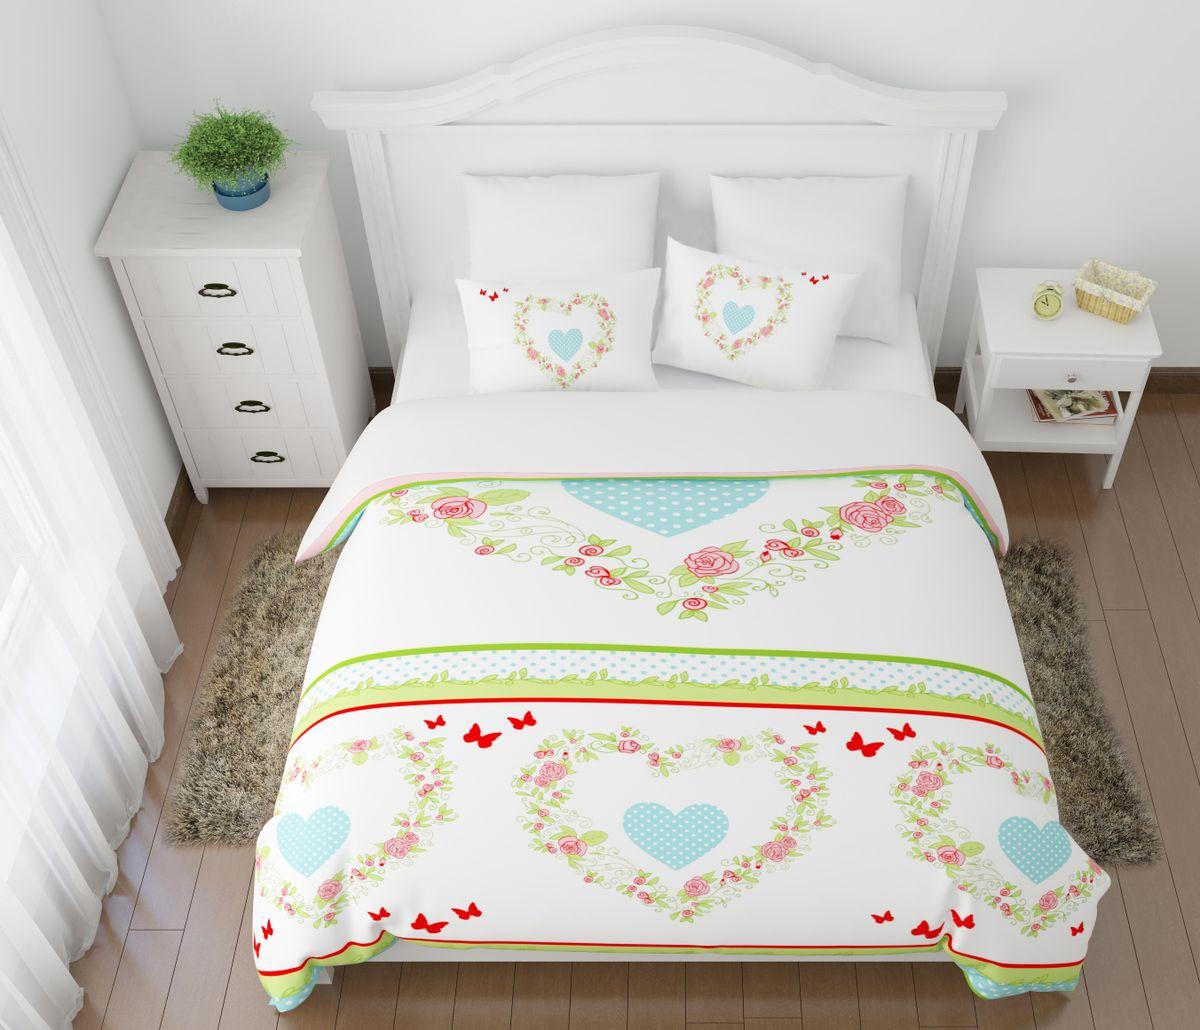 Комплект белья Сирень Мона, 1,5-спальный, наволочки 50x7003983-КПБ-МКомплект постельного белья Сирень Мона состоит из простыни, пододеяльника и 2 наволочек. Комплект выполнен из современных гипоаллергенных материалов. Приятный при прикосновении сатин - гарантия здорового, спокойного сна. Ткань хорошо впитывает влагу, надолго сохраняет яркость красок. Четкий, изящный рисунок в сочетании с насыщенными красками делает комплект постельного белья неповторимой изюминкой любого интерьера. Постельное белье идеально подойдет для подарка.